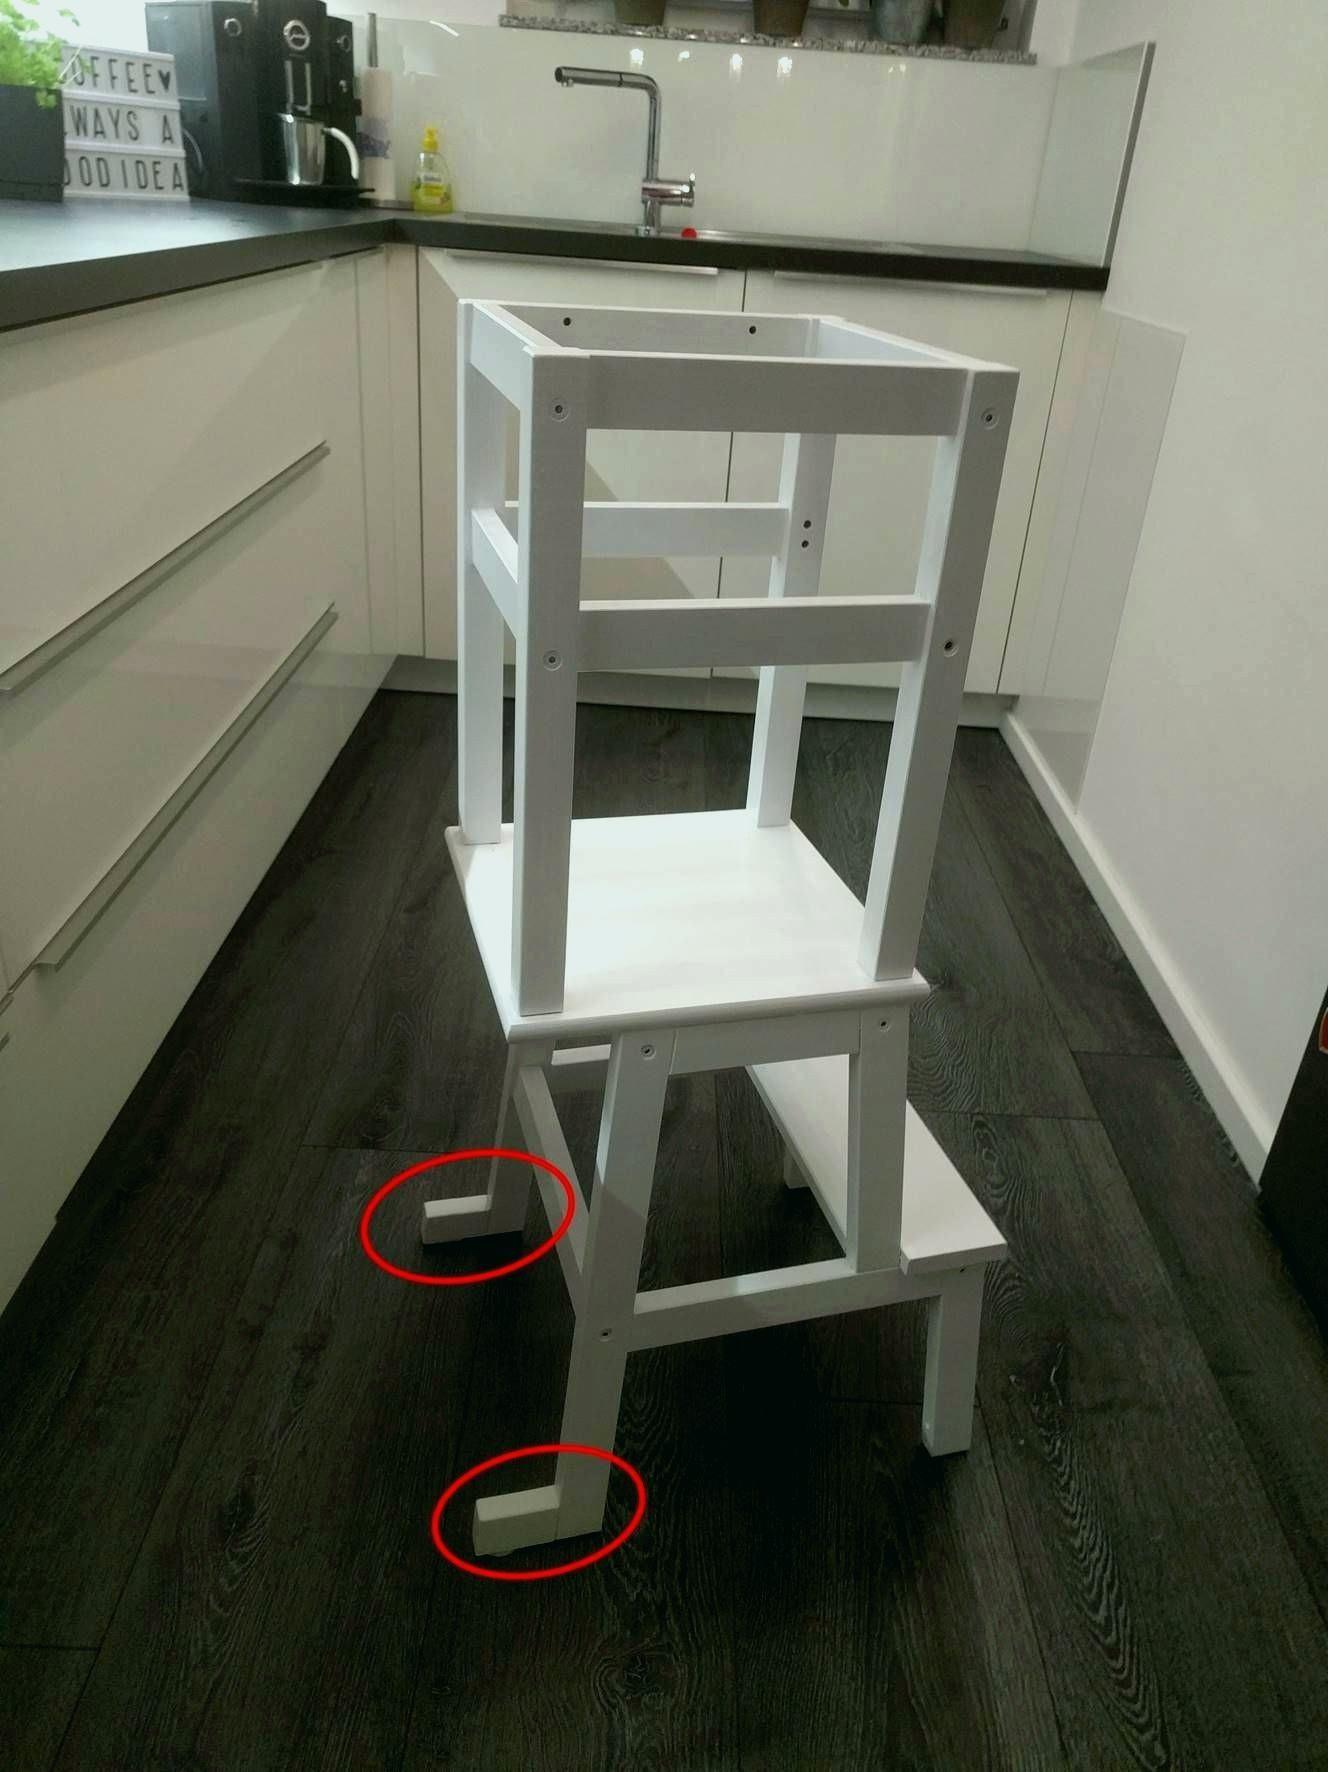 Ikea Lit 120×190 Le Luxe Ikea Lit Cabane Unique Cuisine Dan Maison Intérieur – Intérieur Et